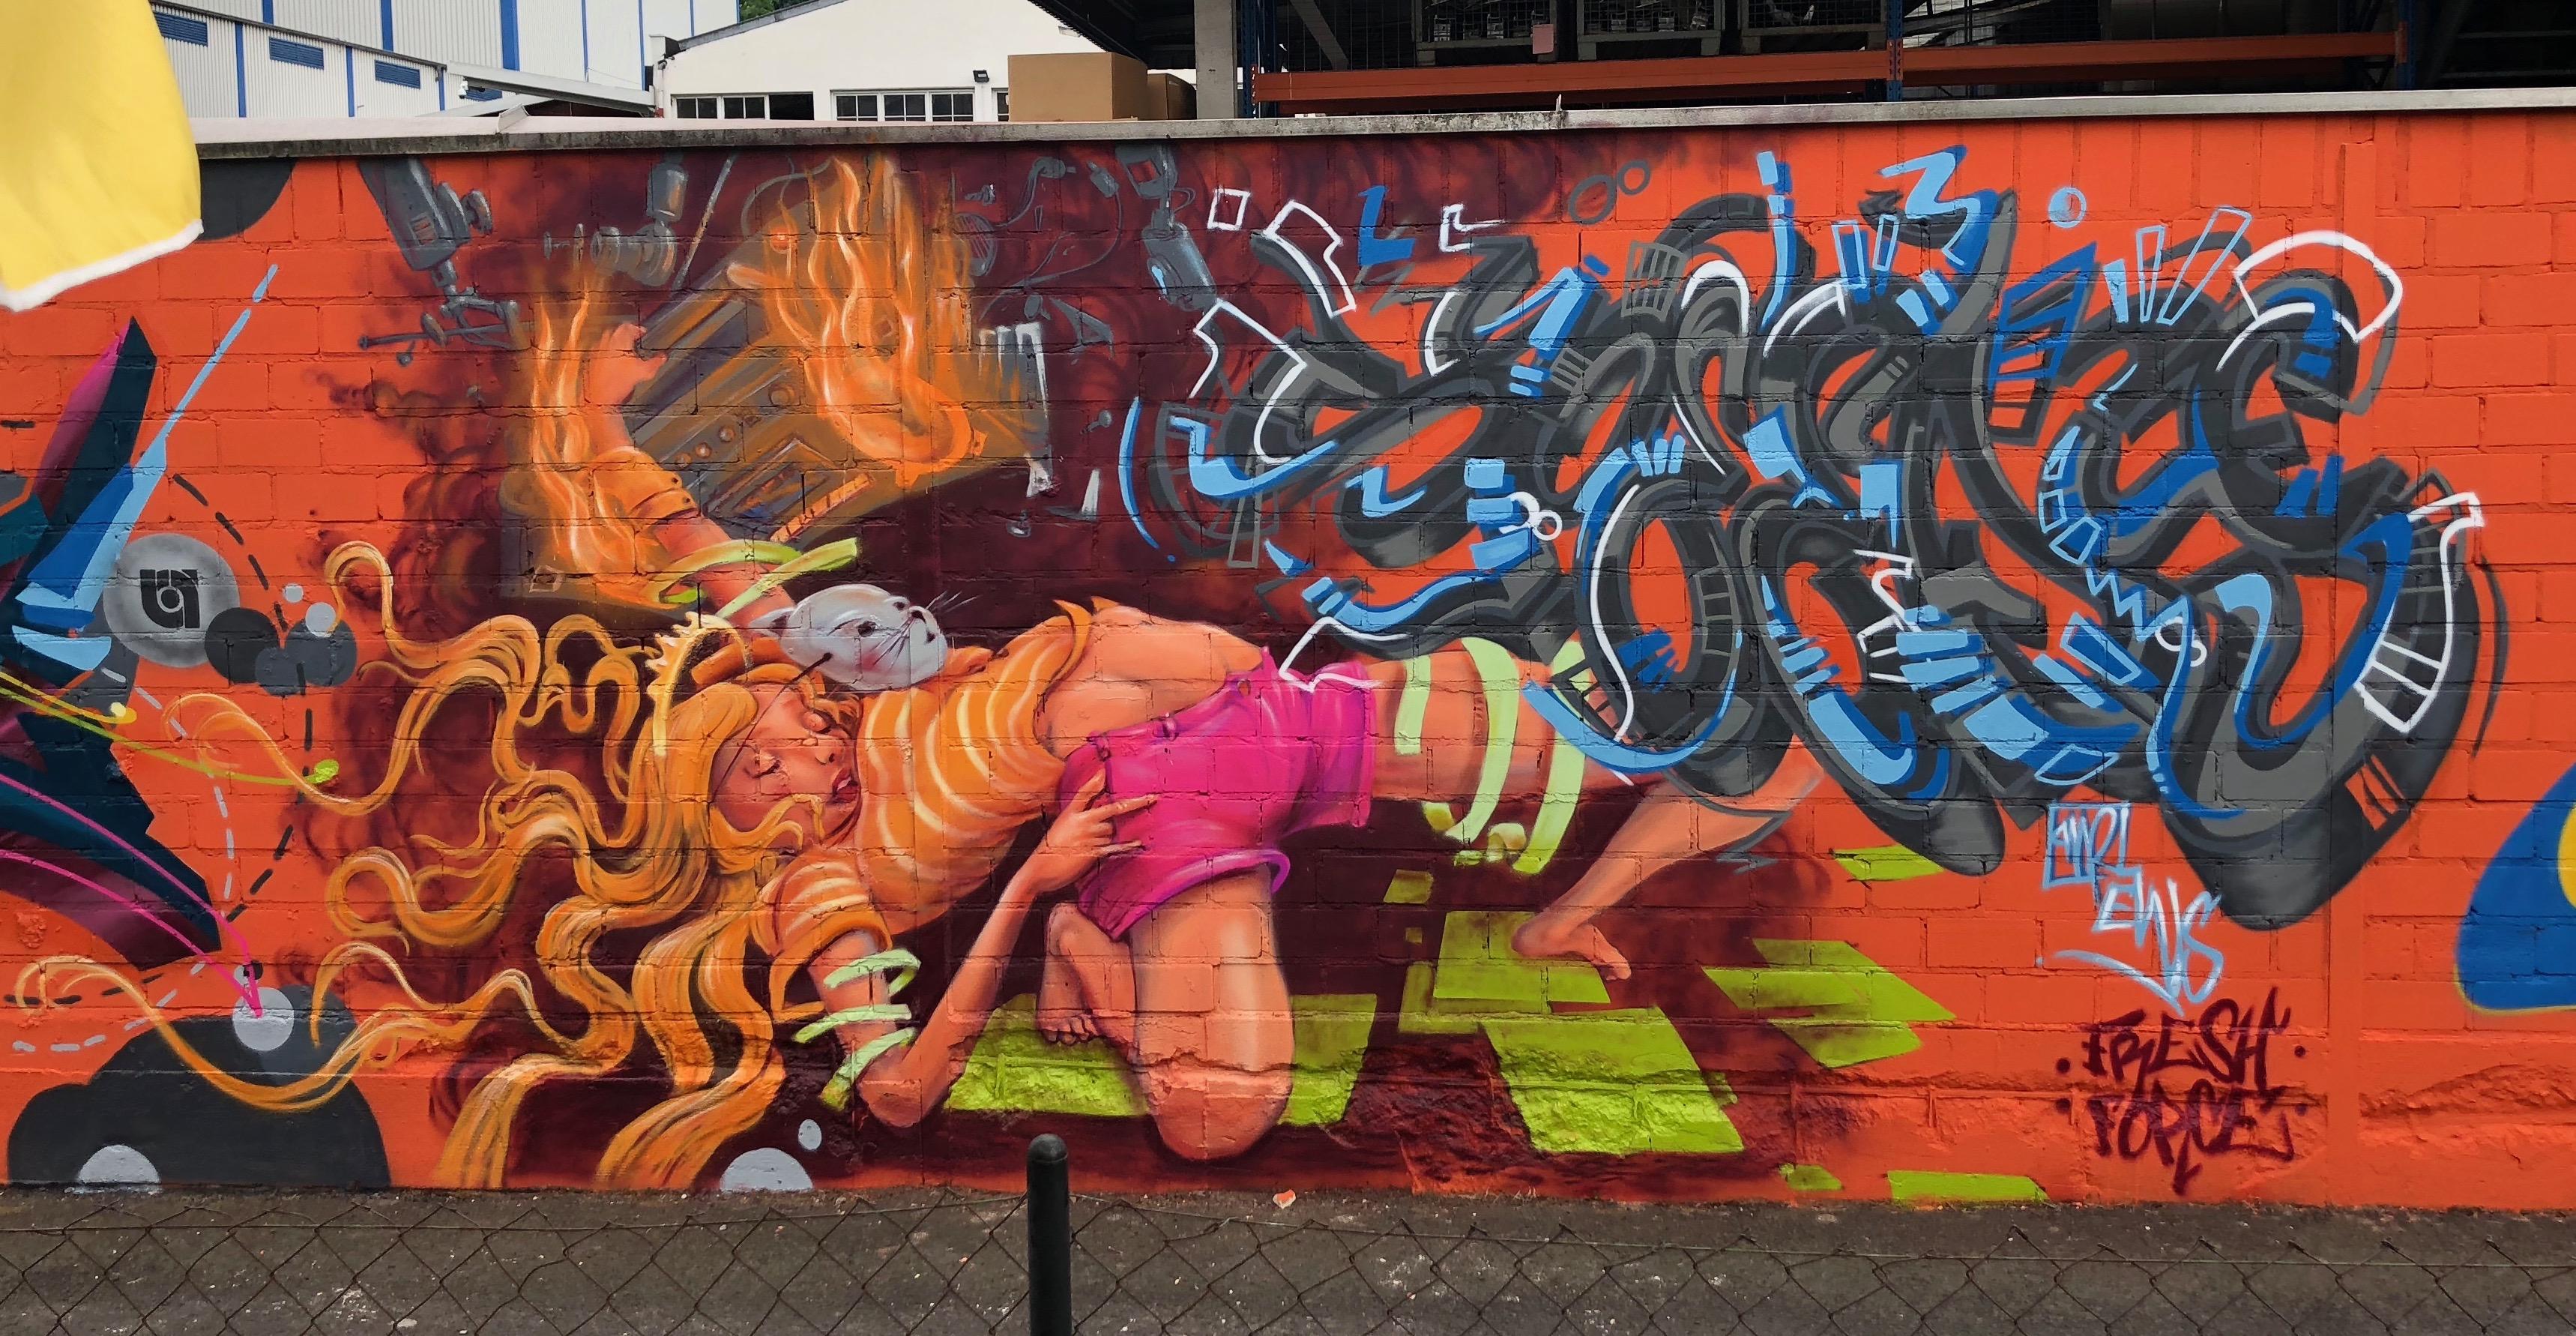 Speedy-Graffiti, Schichtweise 2.0